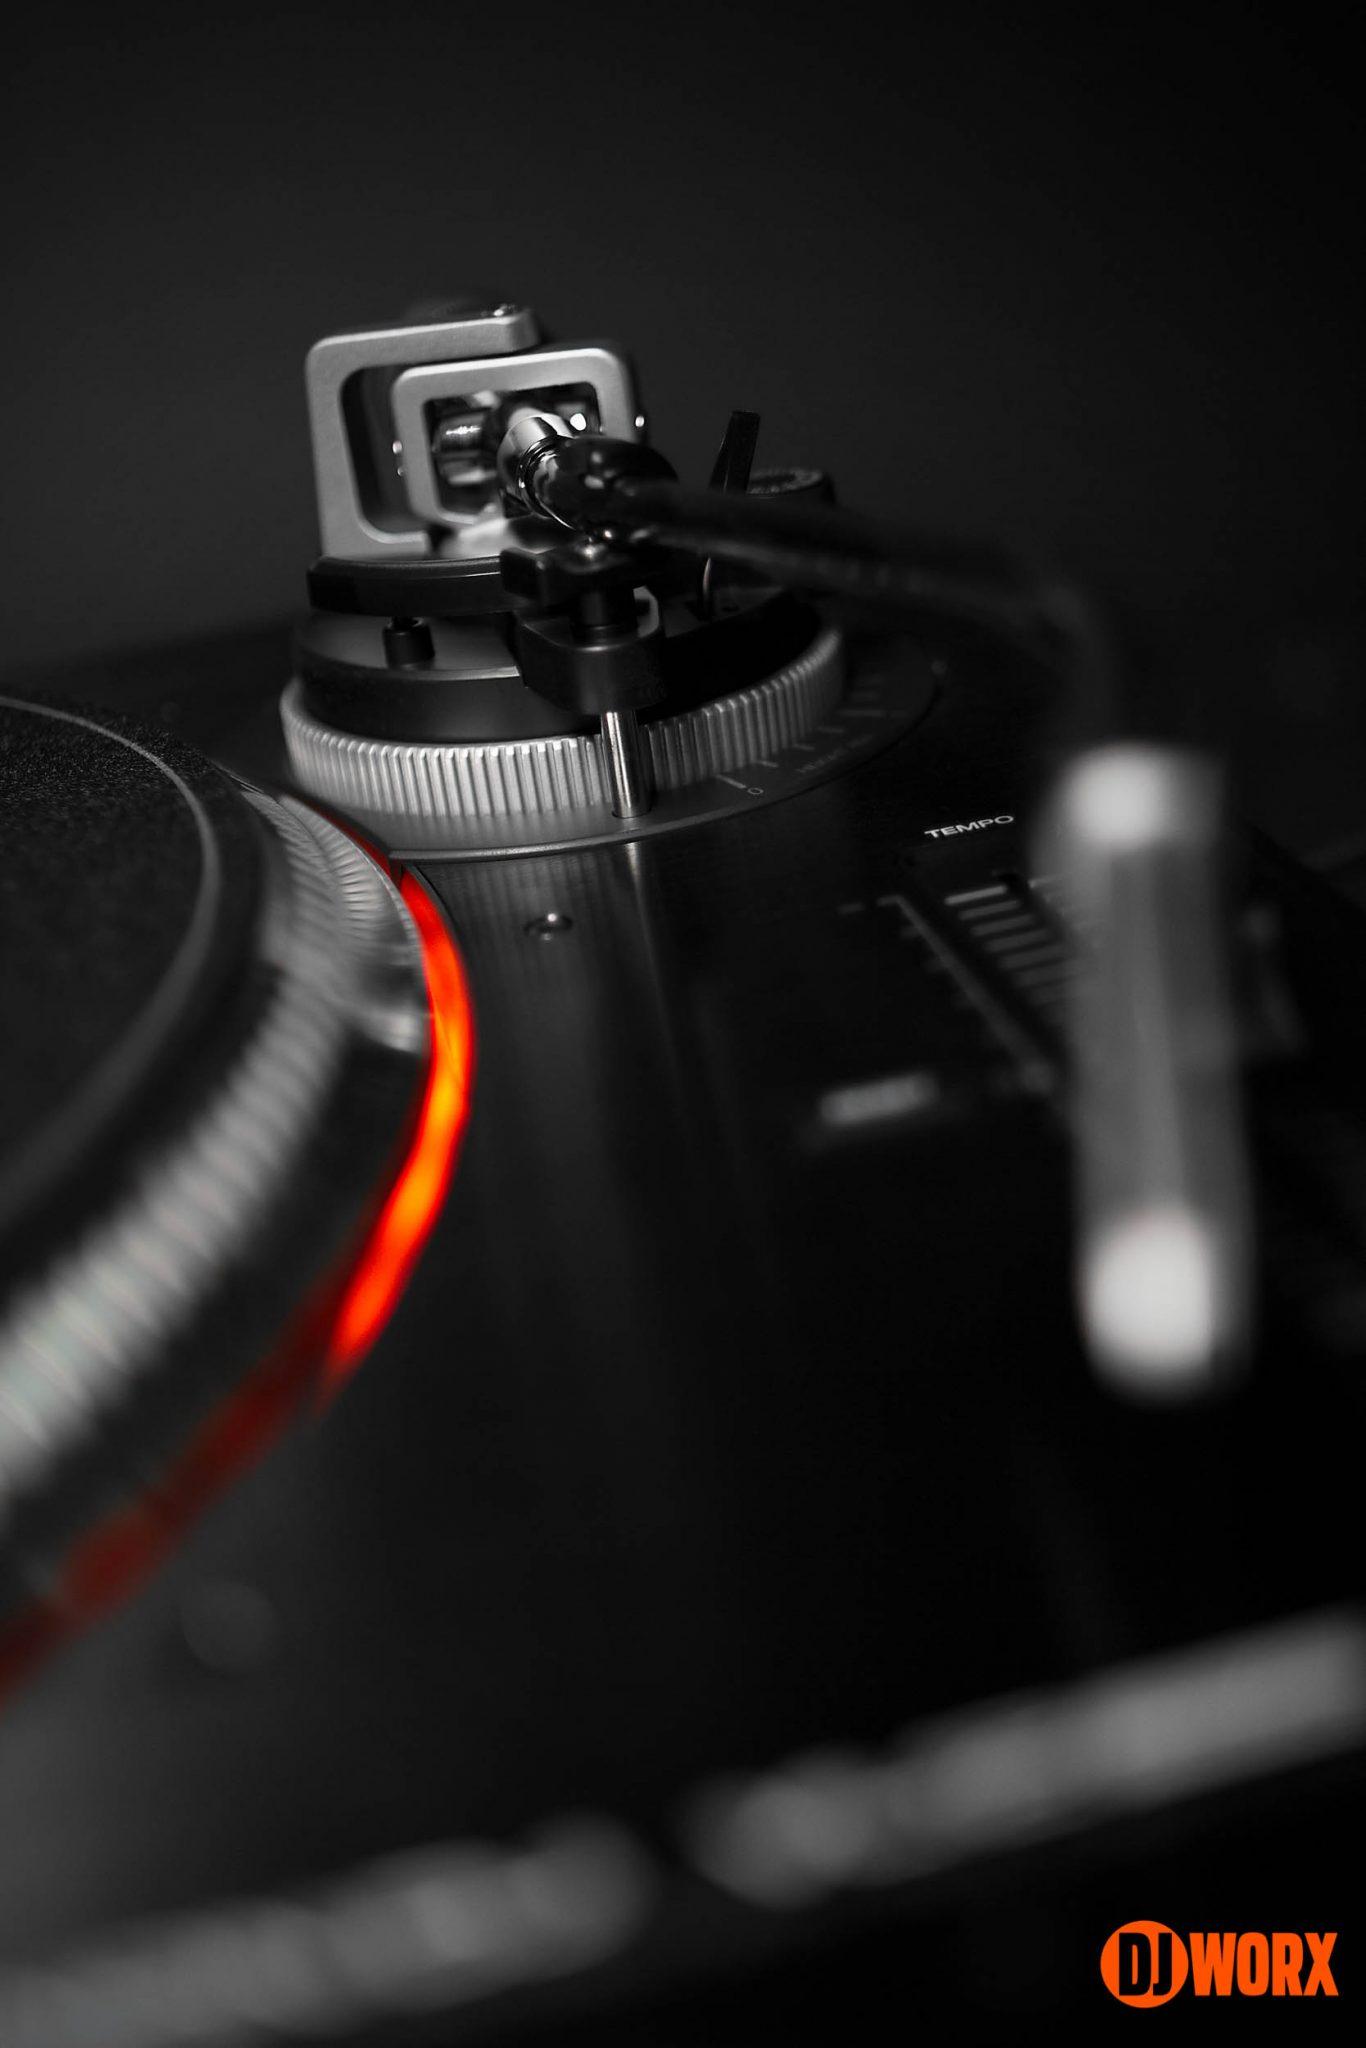 Denon DJ L12 Prime turntable review DJWORX (12)